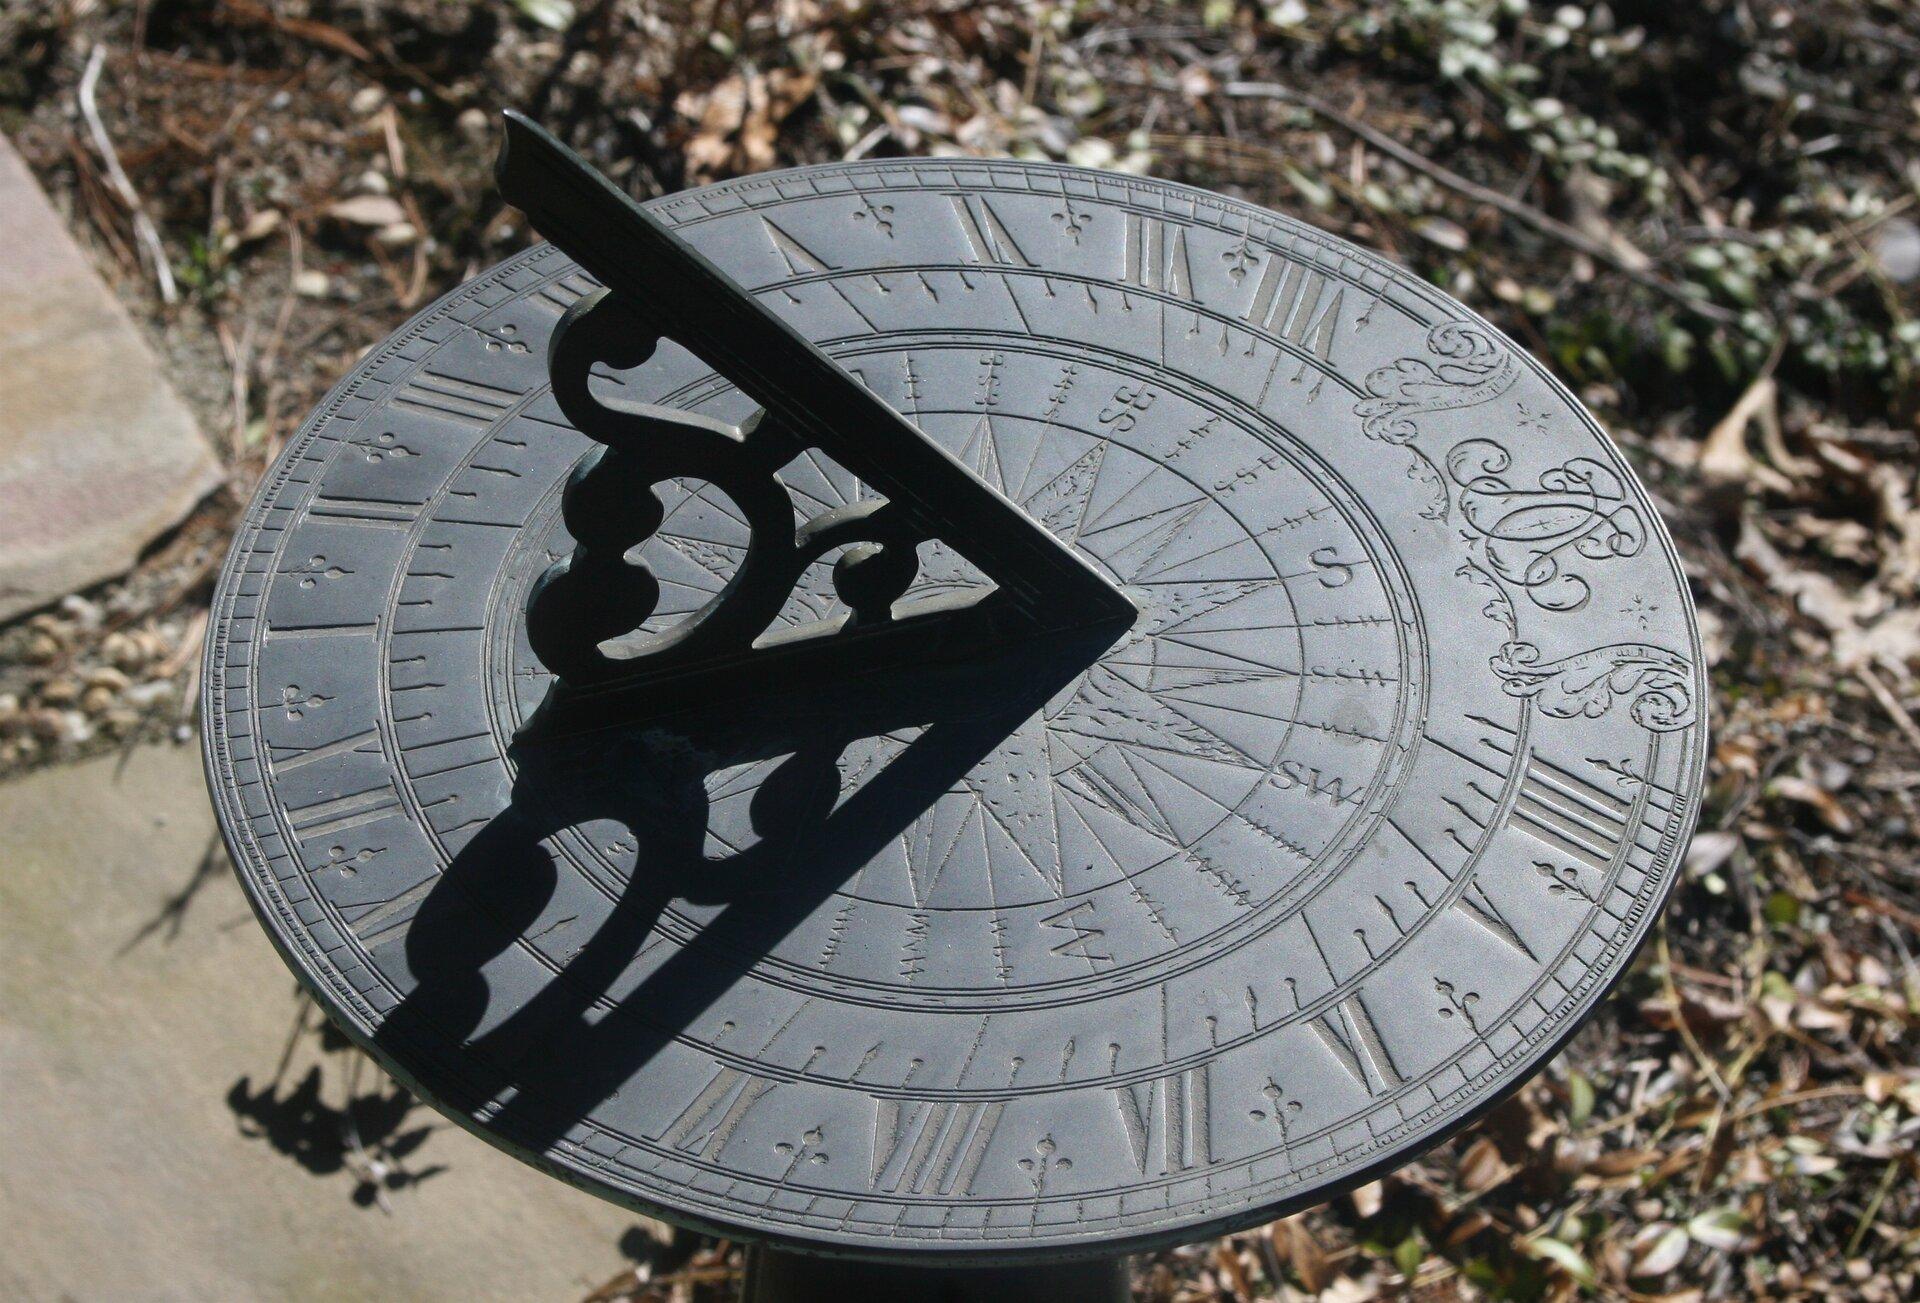 Fotografia prezentuje okrągłą metalową tarczę zegara słonecznego zwyrytymi rzymskimi cyframi od 1 do 12 na obrzeżach tarczy. Wśrodku tarczy znajdują się ramiona róży kierunków świata. Do tarczy przymocowana jest prostopadle trójkątna wskazówka, której cień pokrywa cyfrę 10.